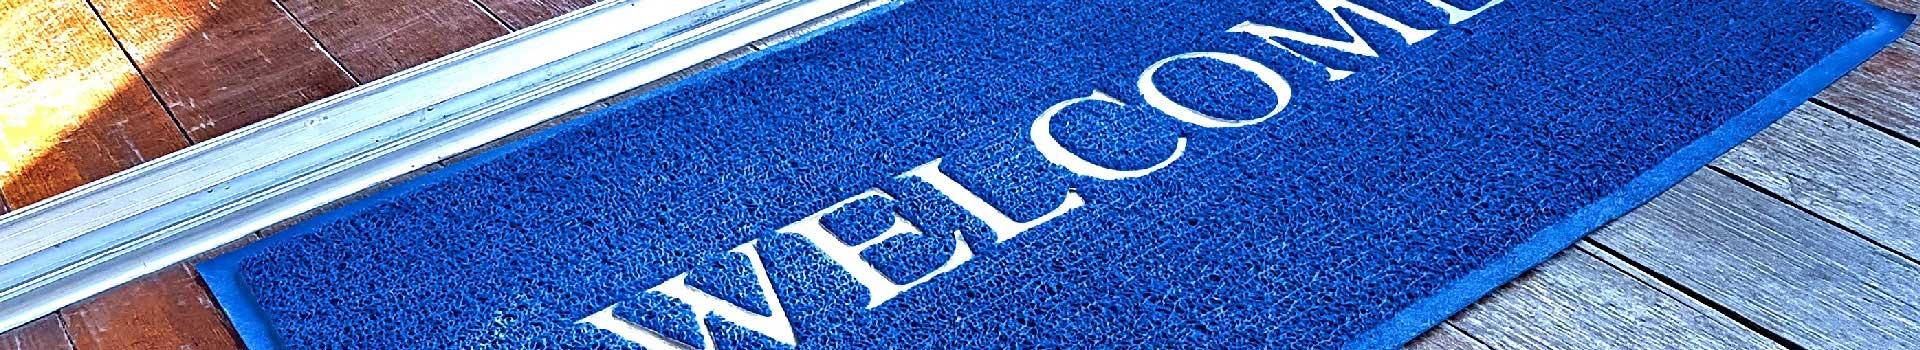 Bespoke Personalised Floor Mats